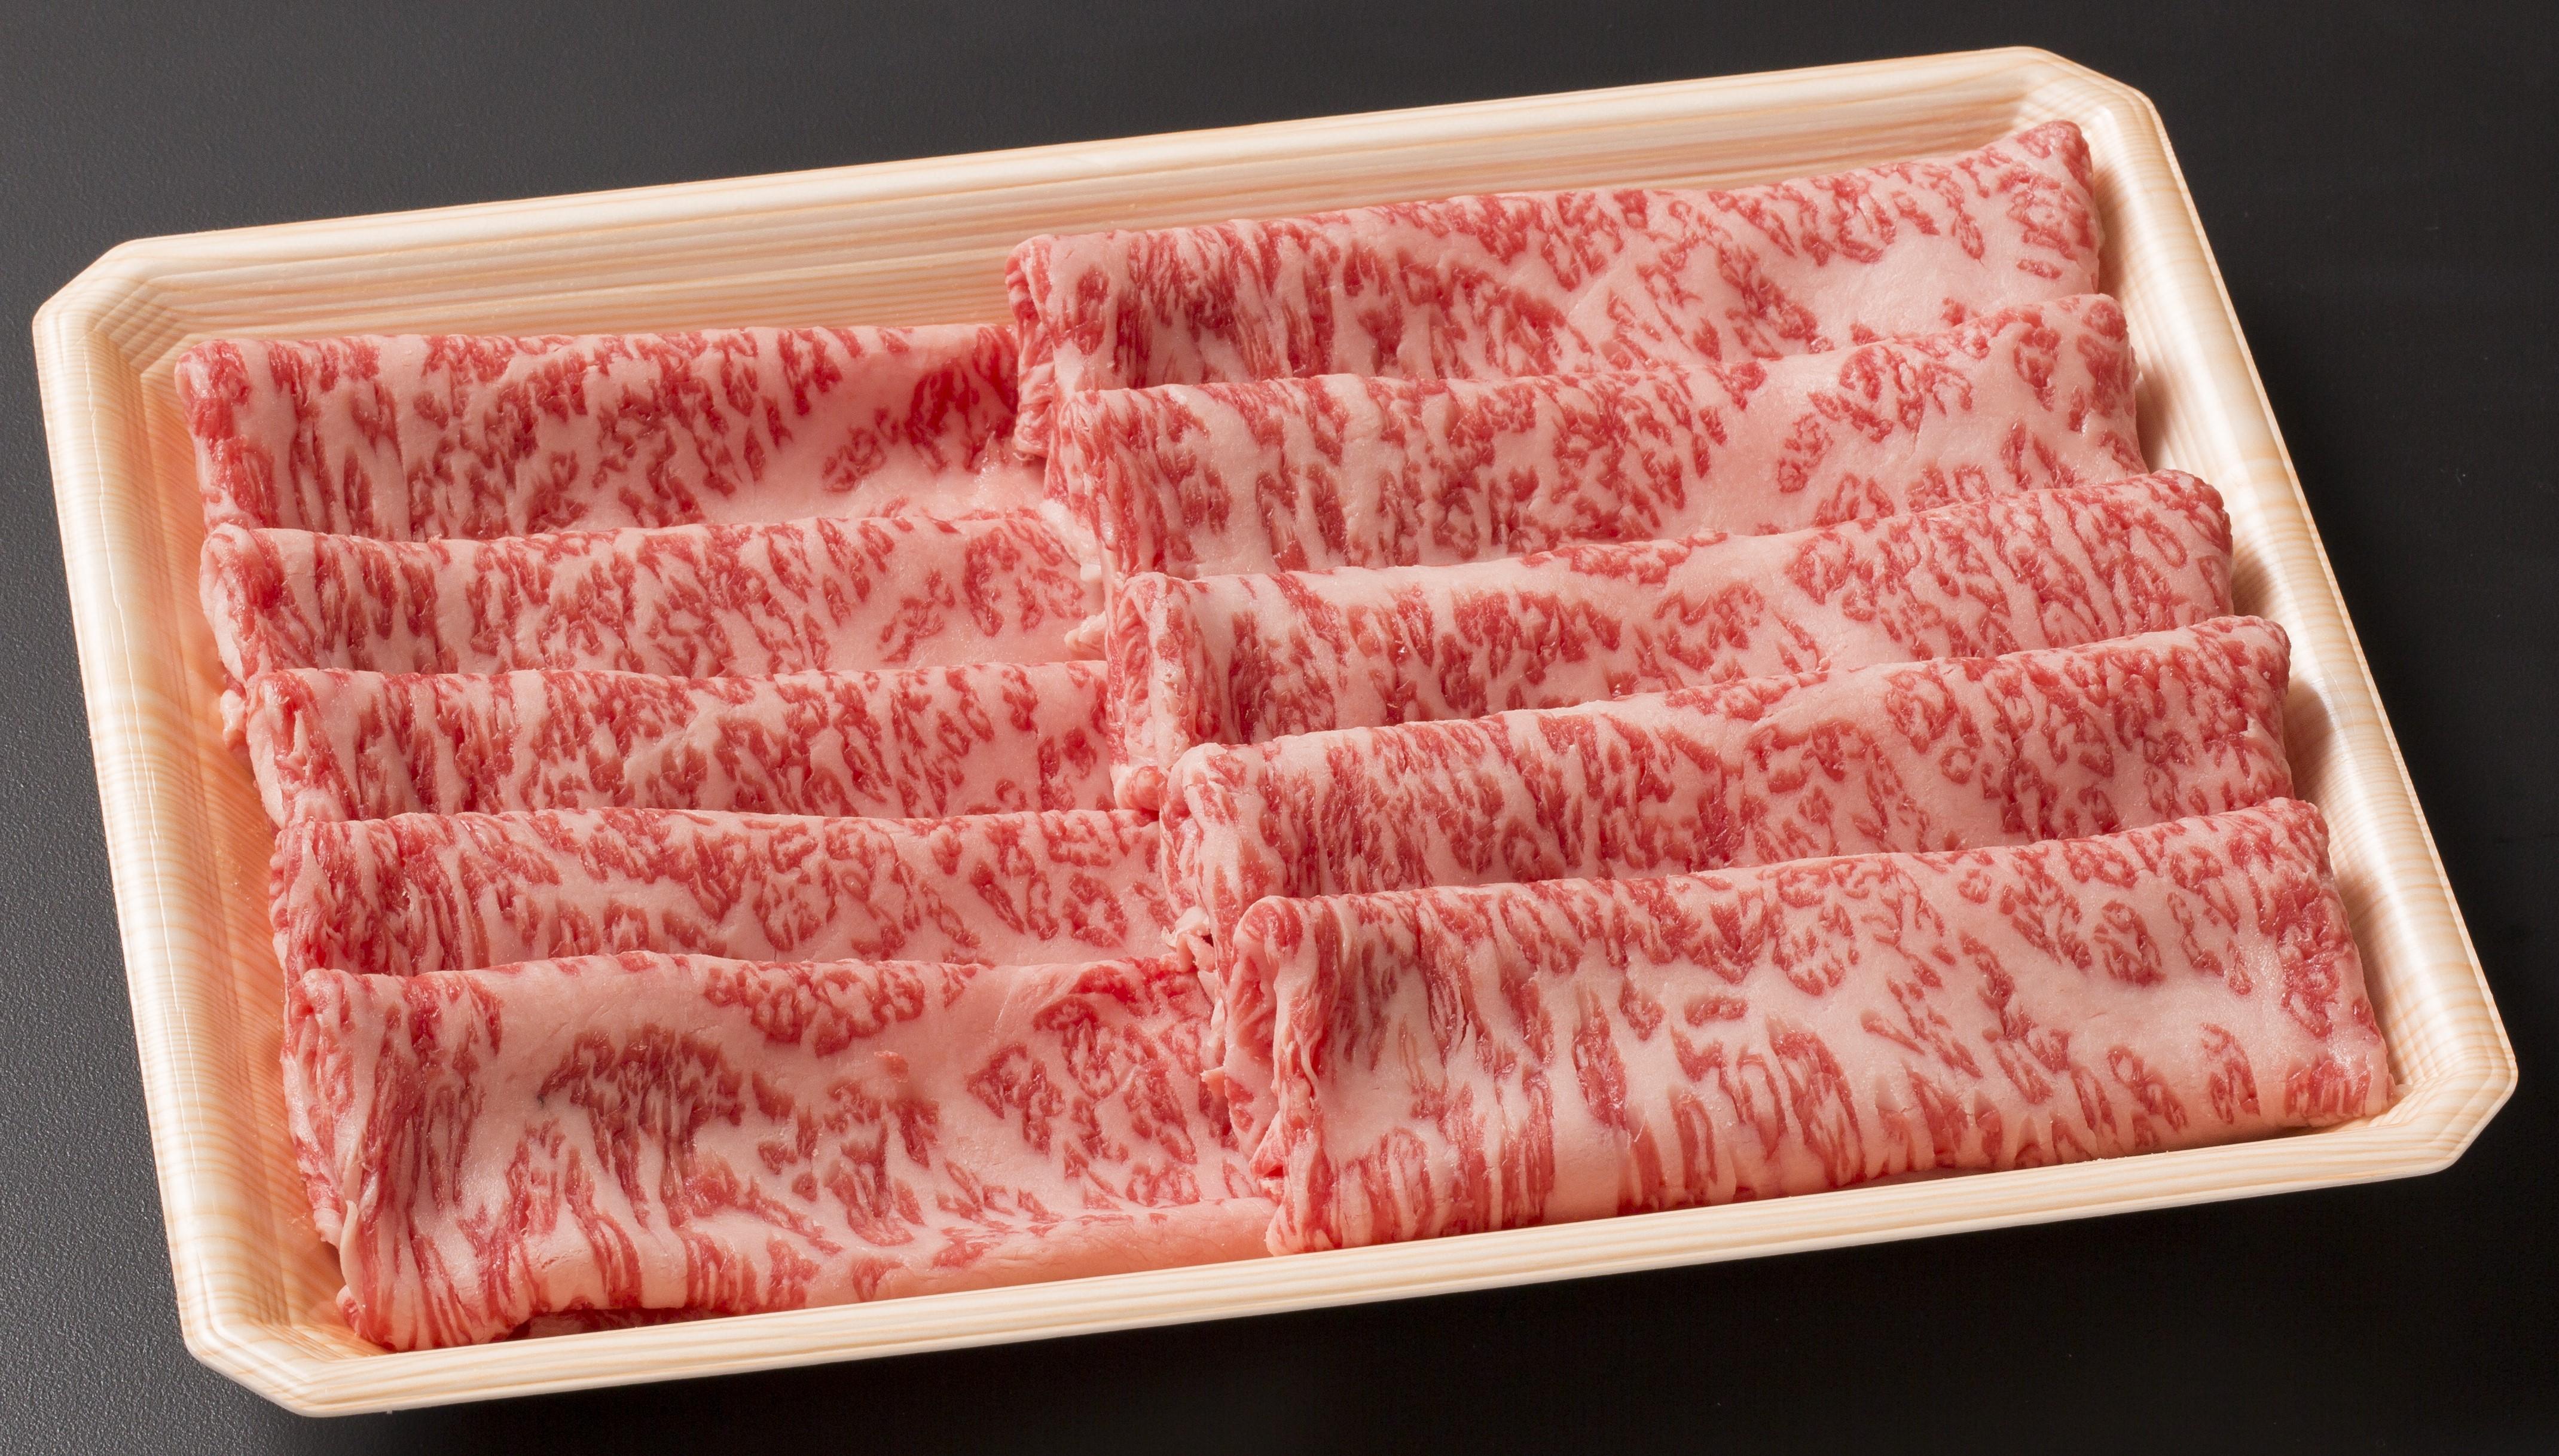 【岩手県】いわて牛ロース薄切り400g (すき焼き・しゃぶしゃぶ用) 400g(200gx2パック)